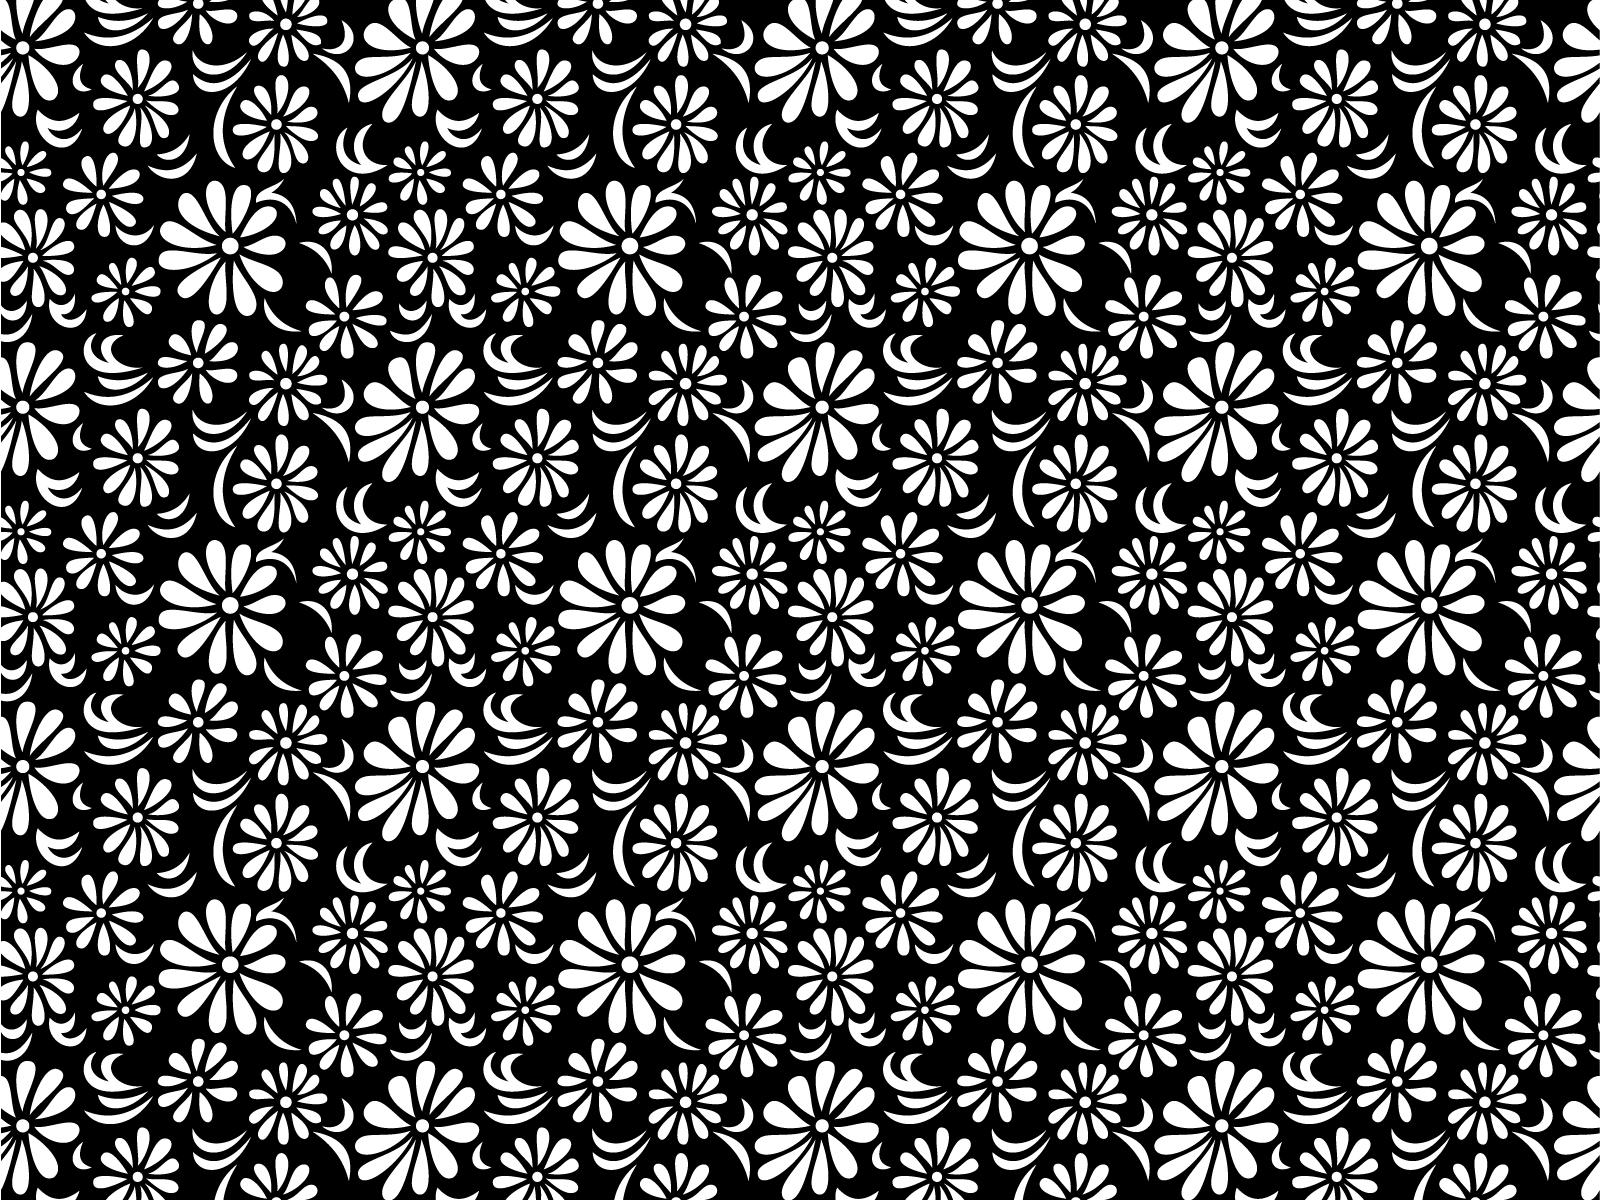 Black White Floral Wallpaper Zef Jam